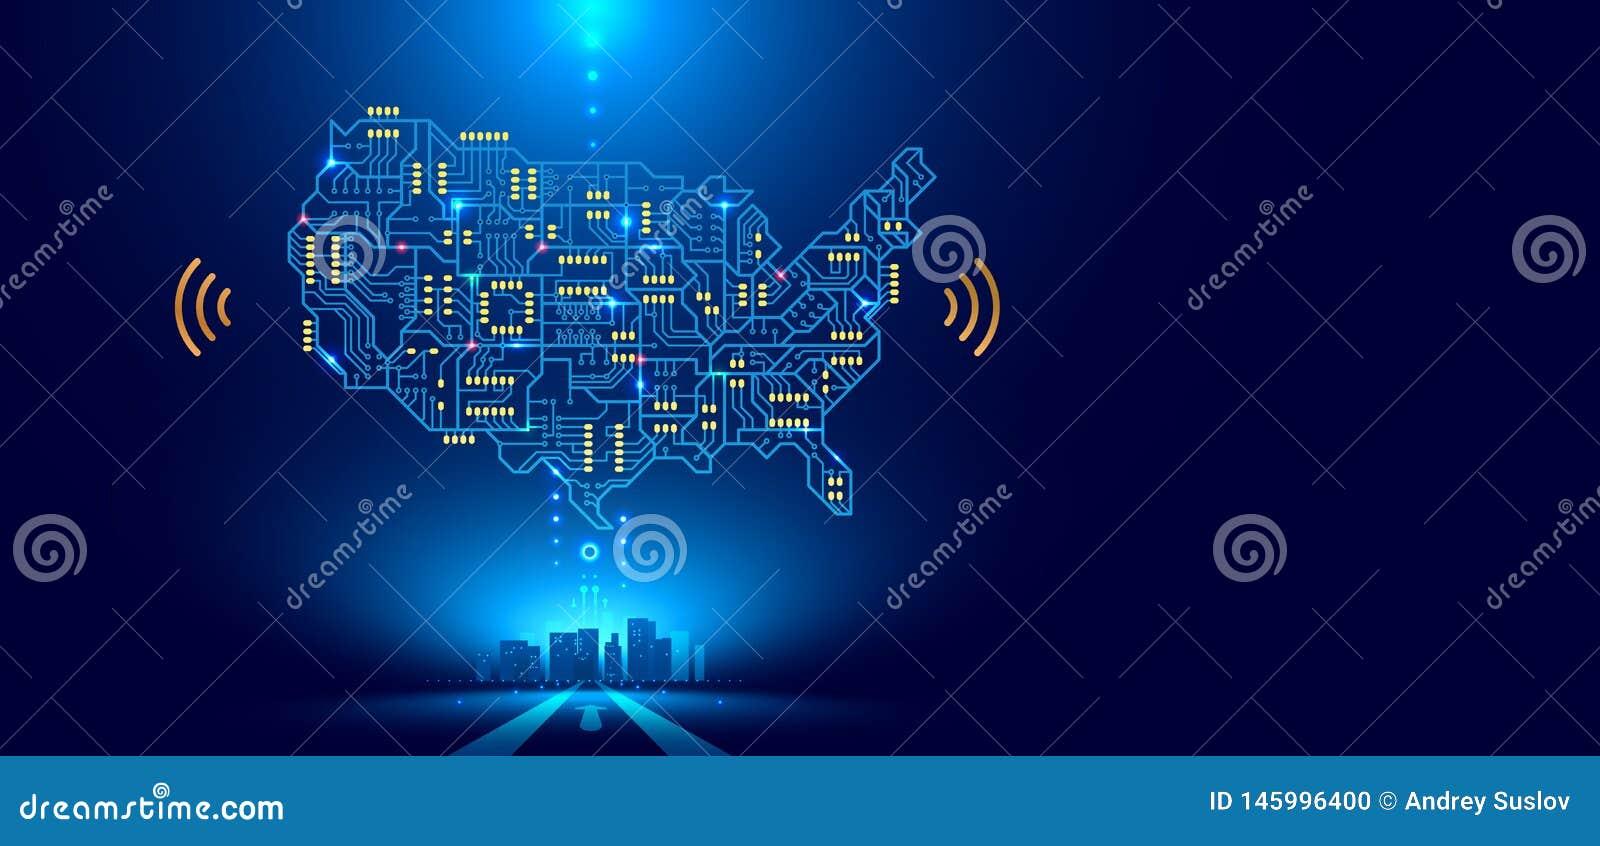 Mapa de rede abstrato EUA ou América de uma comunicação como uma placa de circuito impresso Cidade esperta conectada com o país t